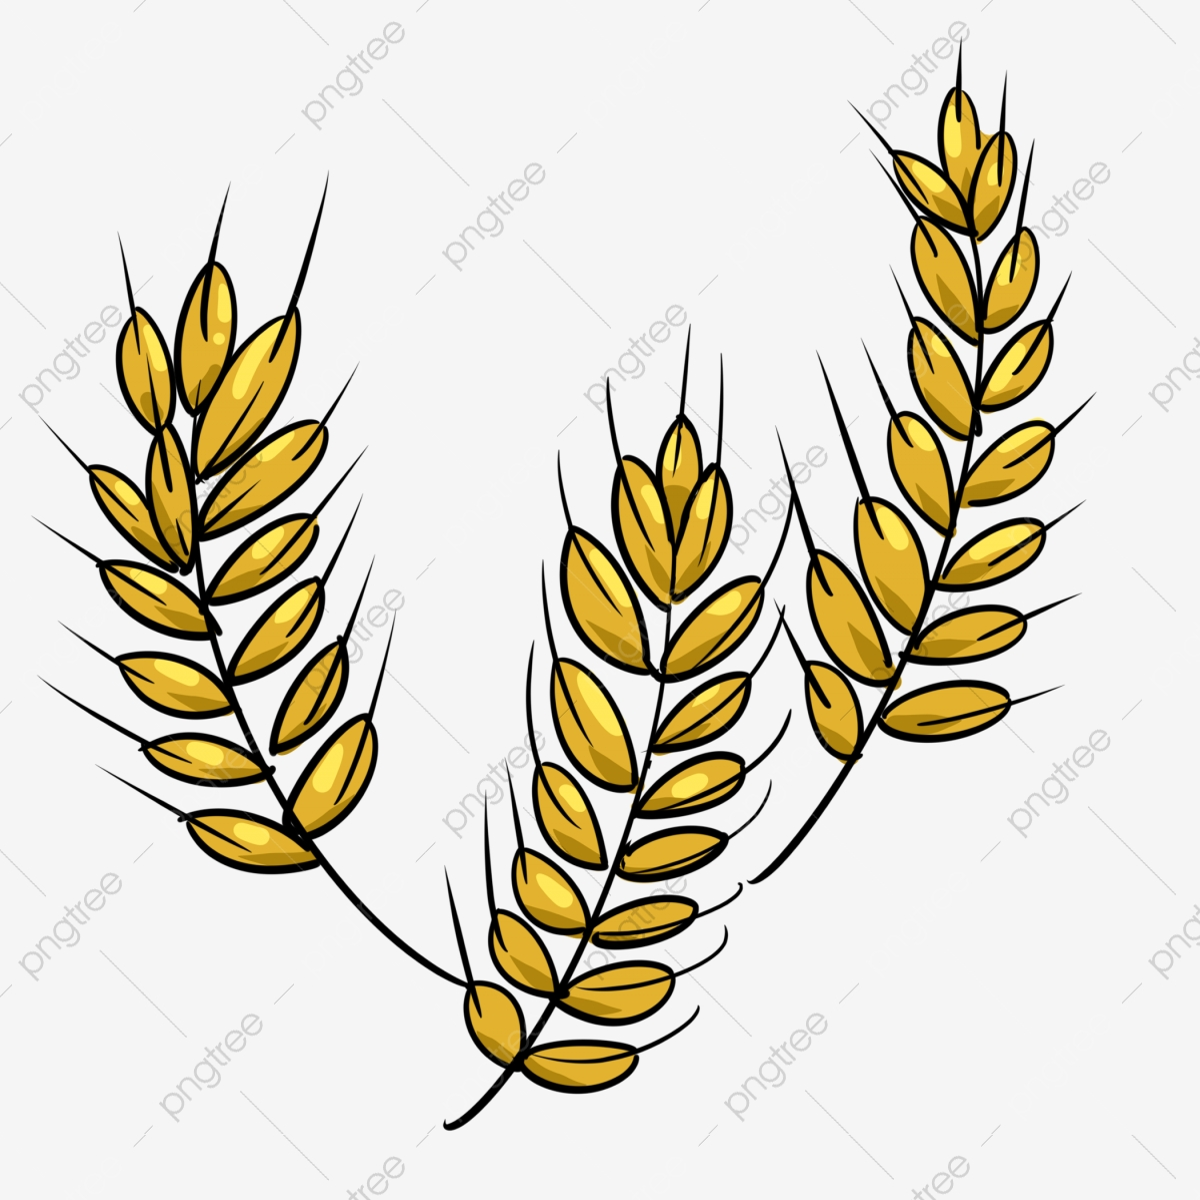 آذان القمح مرسومة باليد آذان القمح الصفراء آذان القمح الكرتون زخرفة آذان القمح آذان القمح ثلاثية الأبعاد آذان القمح الصفراء كاريكتوري Png وملف Psd للتحميل مجانا